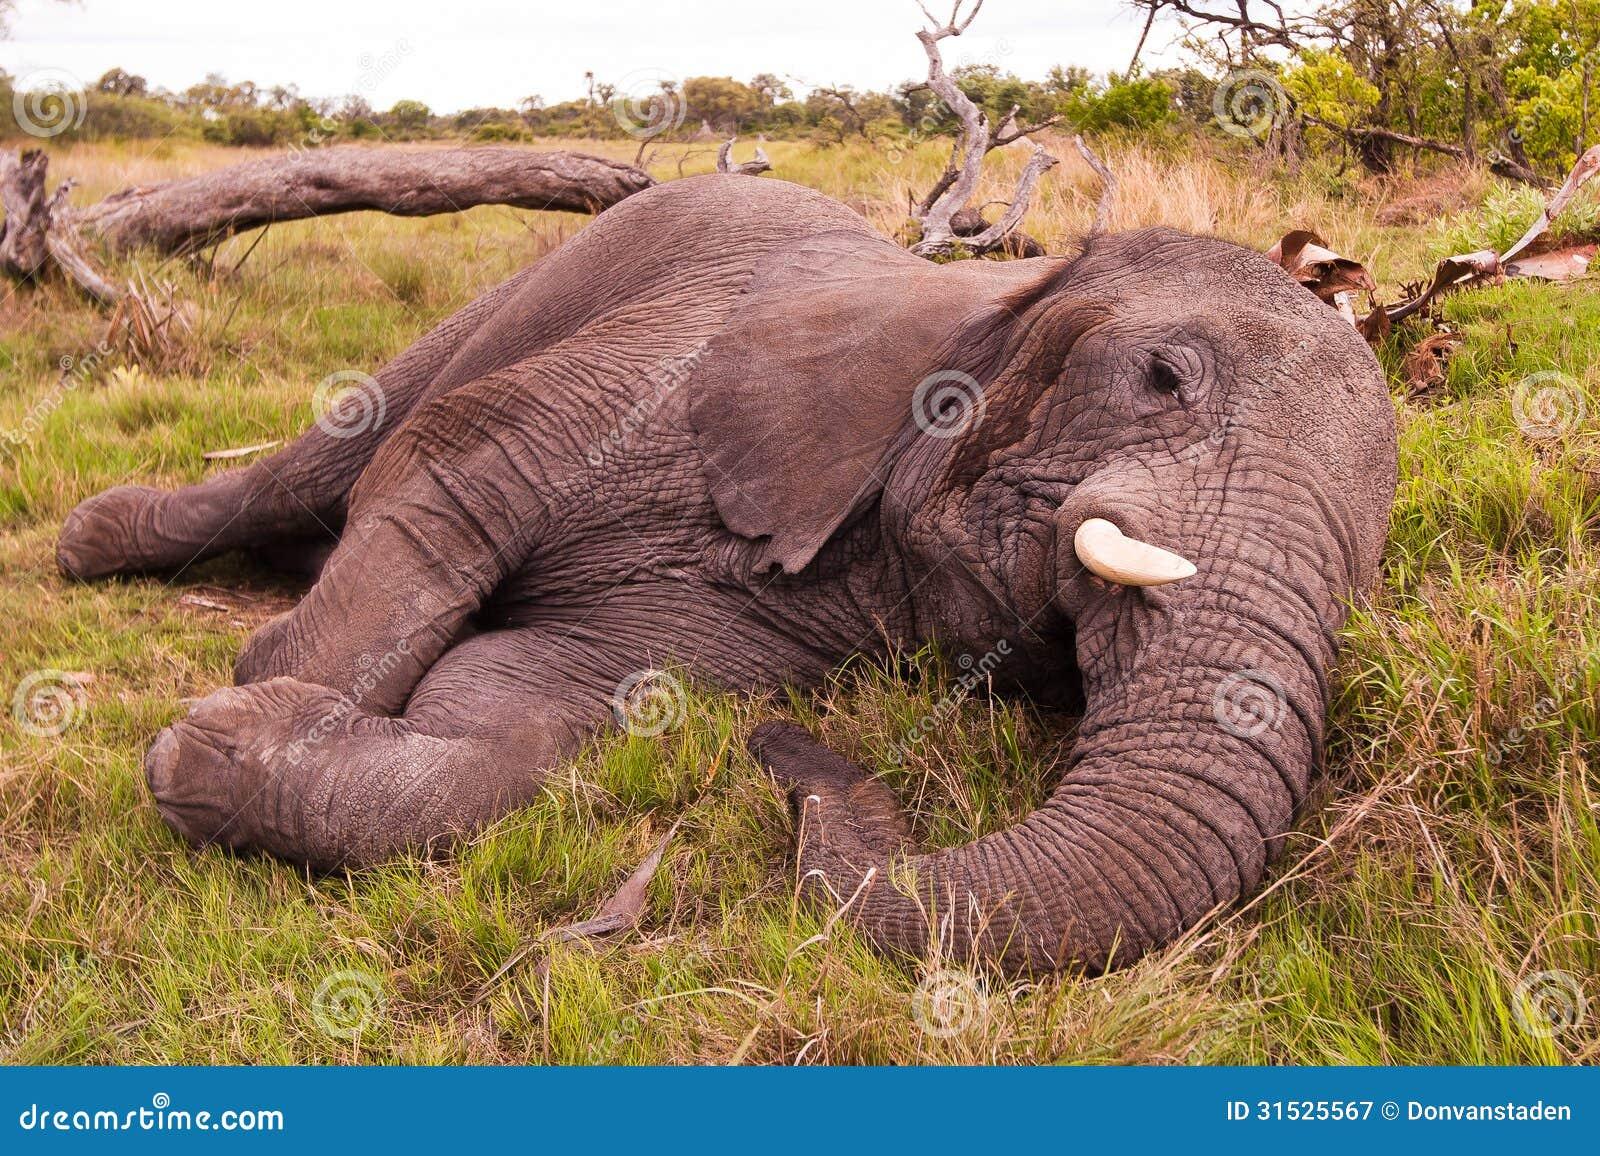 elephant sleeping royalty free stock photography image 31525567